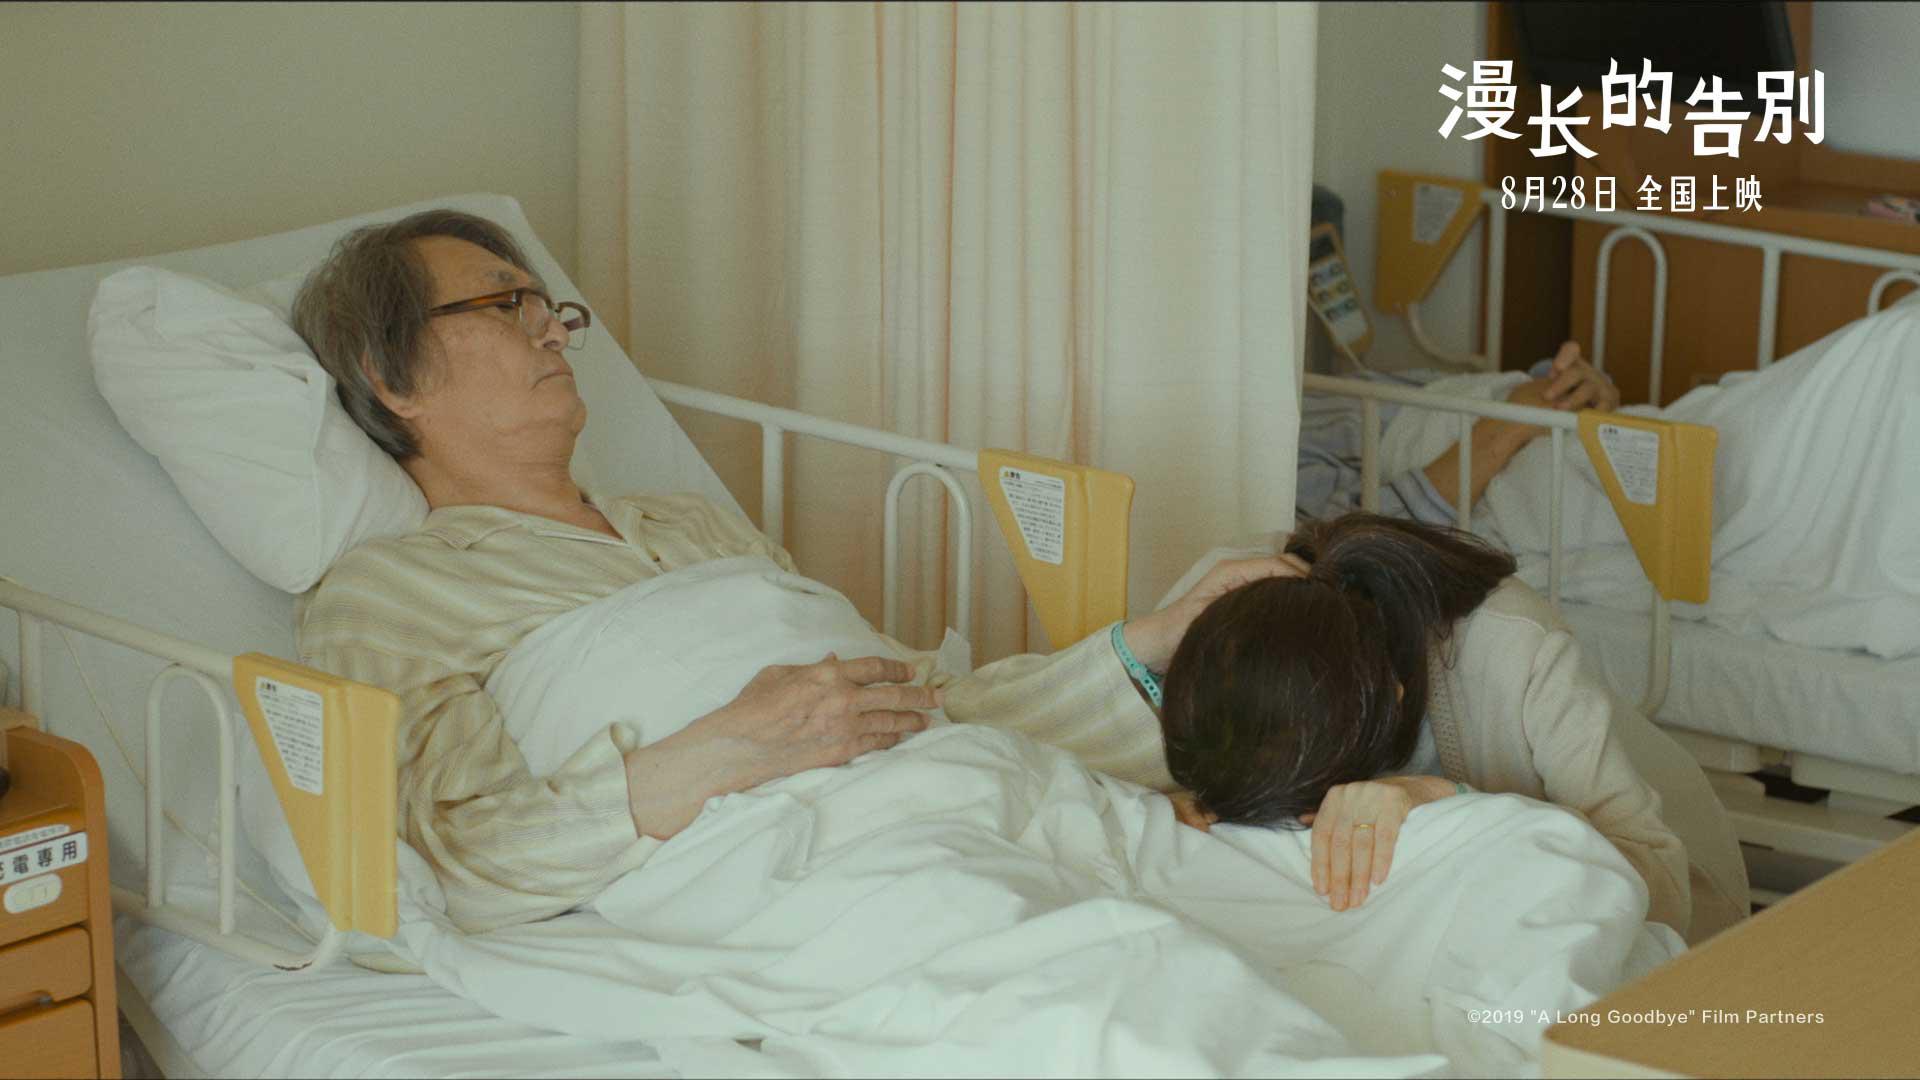 苍井优竹内结子推荐 治愈佳作《漫长的告别》将映